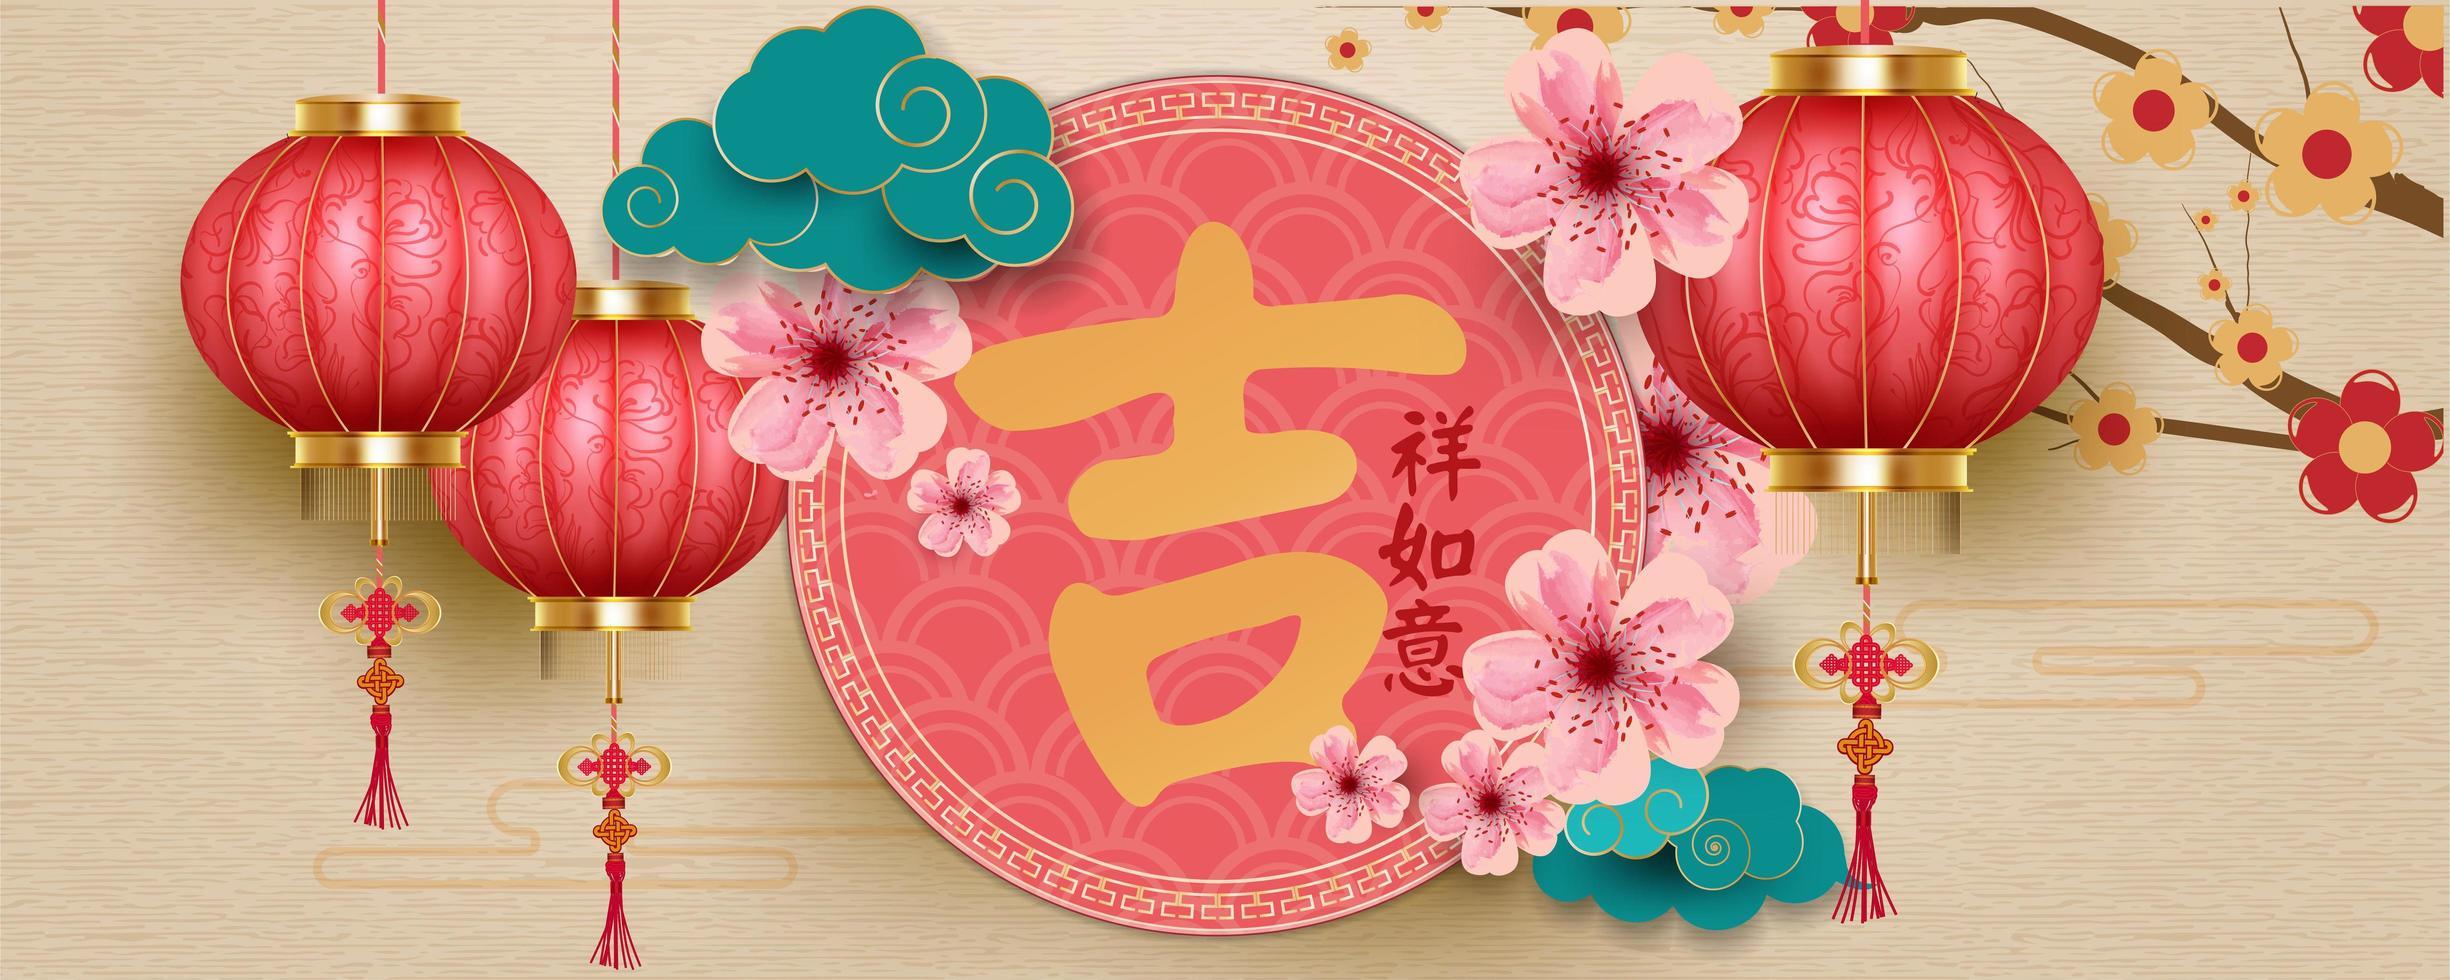 Chinese Nieuwjaarachtergrond met lantaarns, bloemen en wolken vector